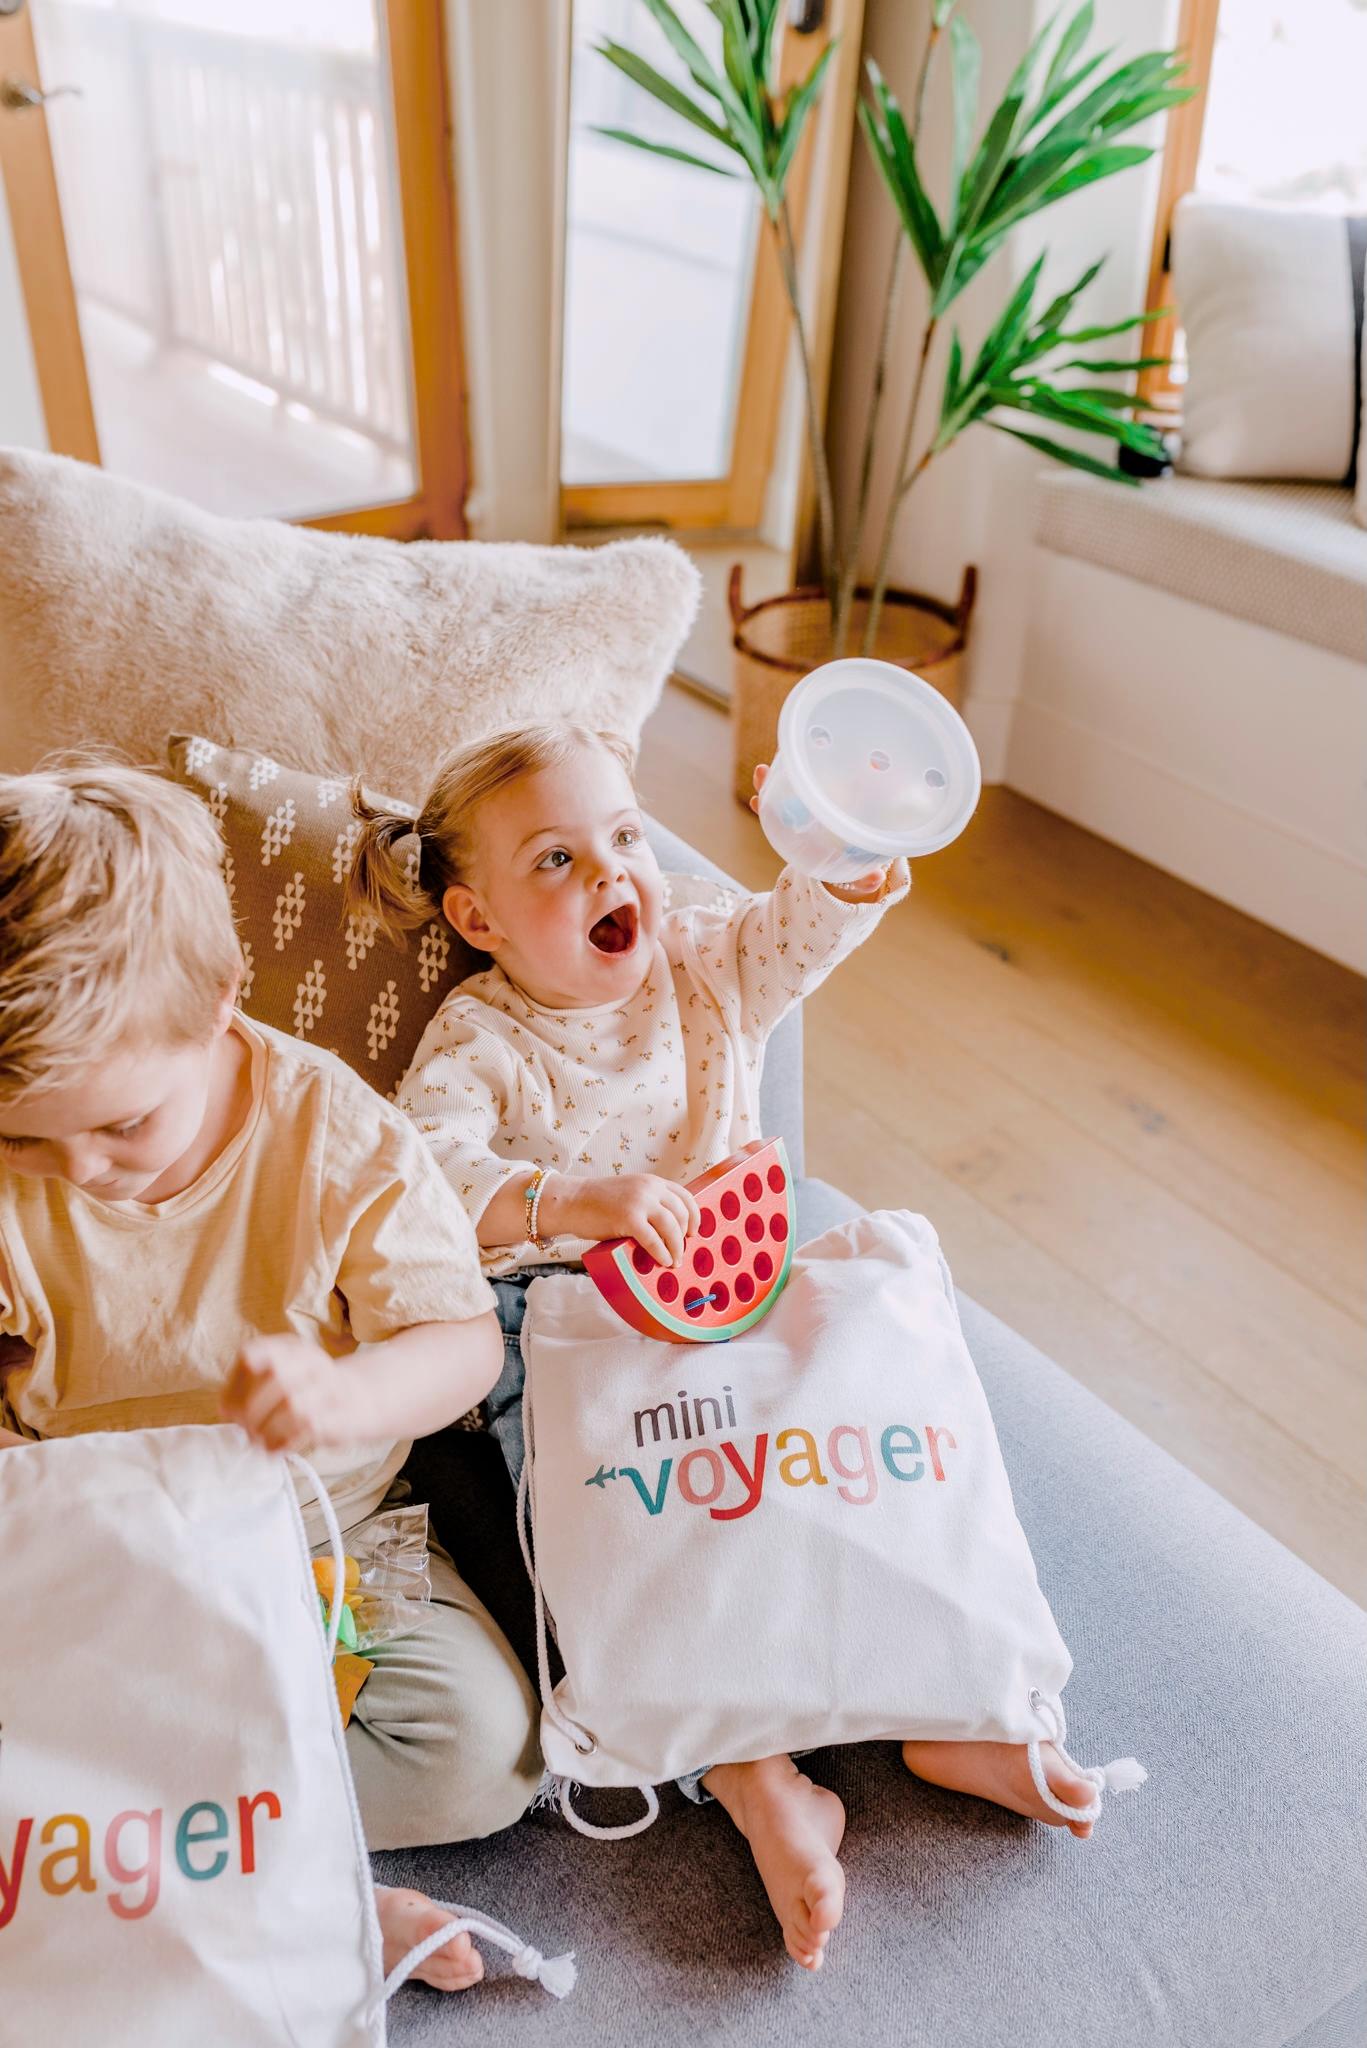 mini voyager drawstring bag